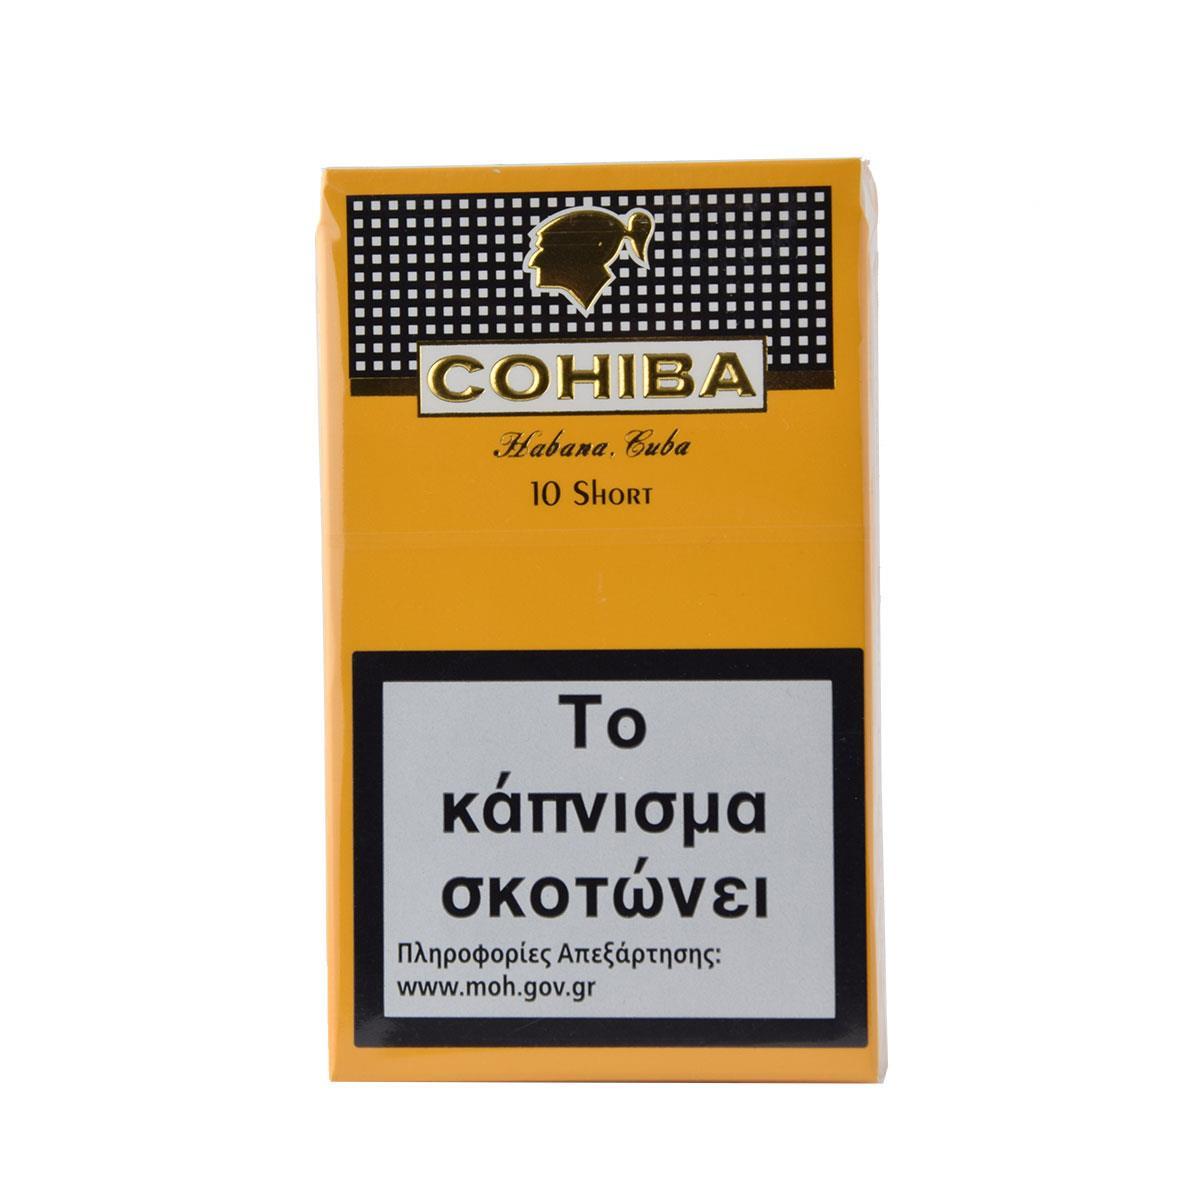 Cohiba Short 10 τεμ.